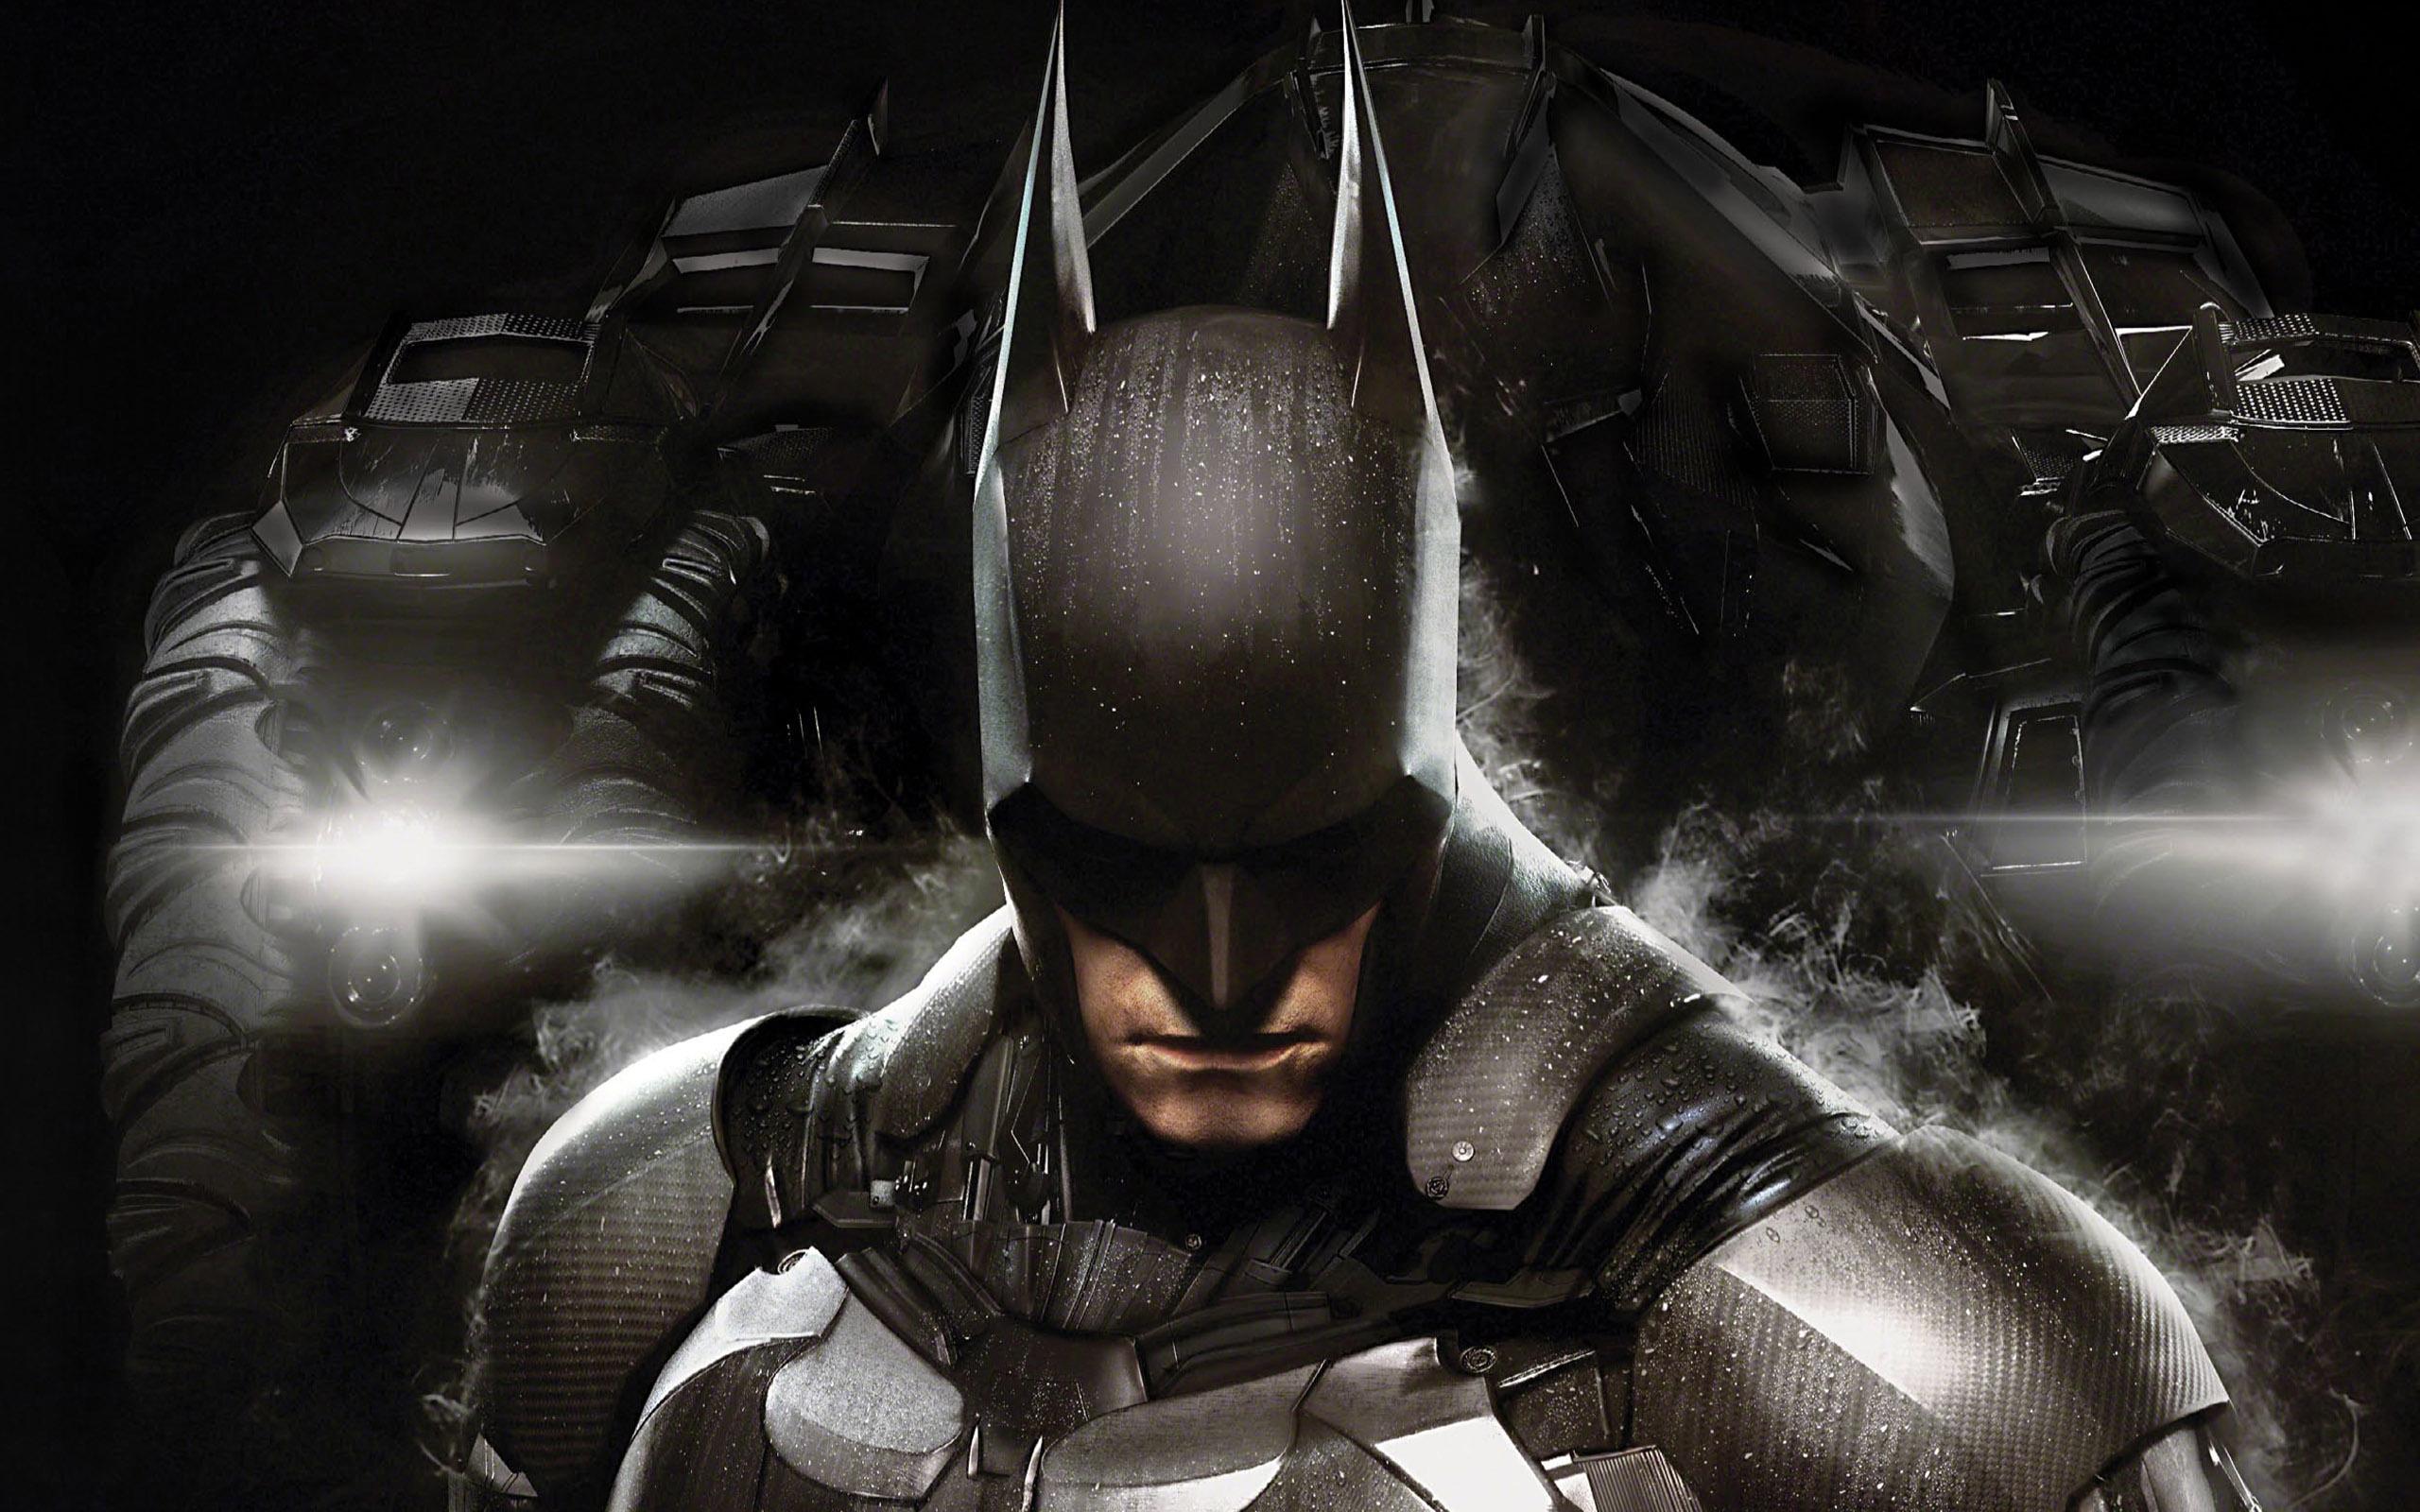 Tải ảnh người dơi Batman full HD